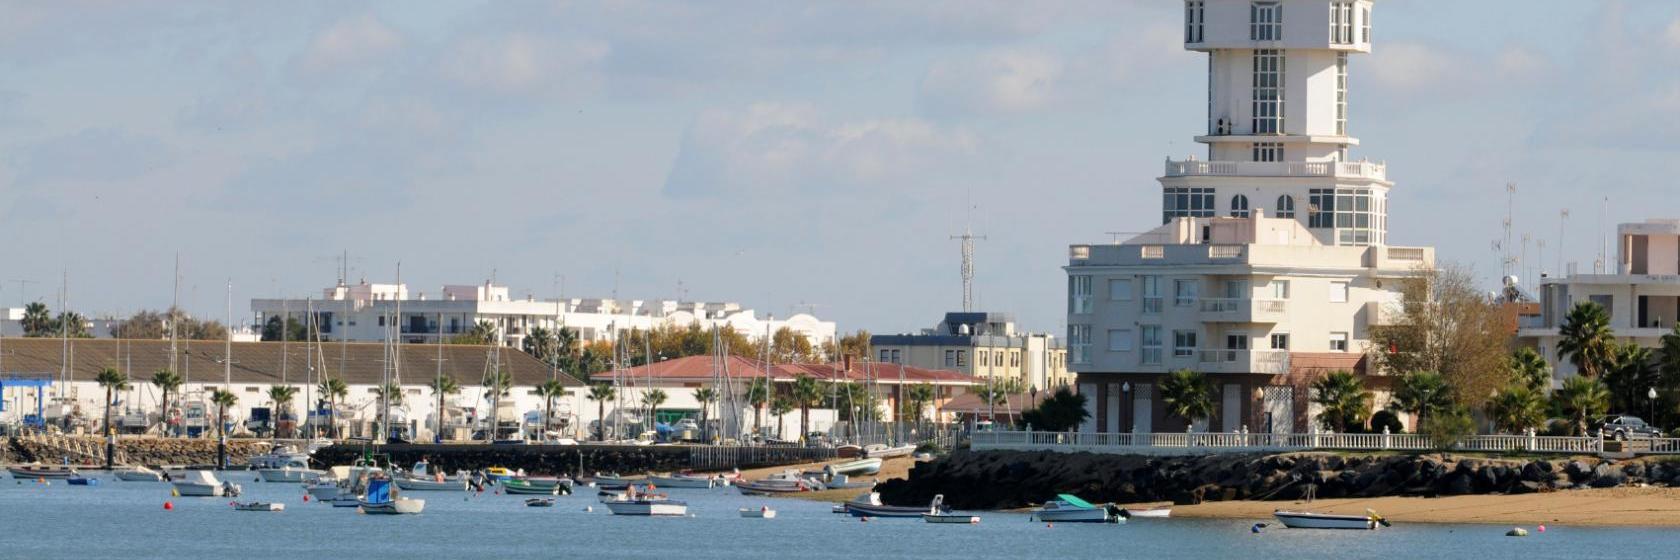 Los 10 mejores hoteles de Isla Cristina, España (precios ...